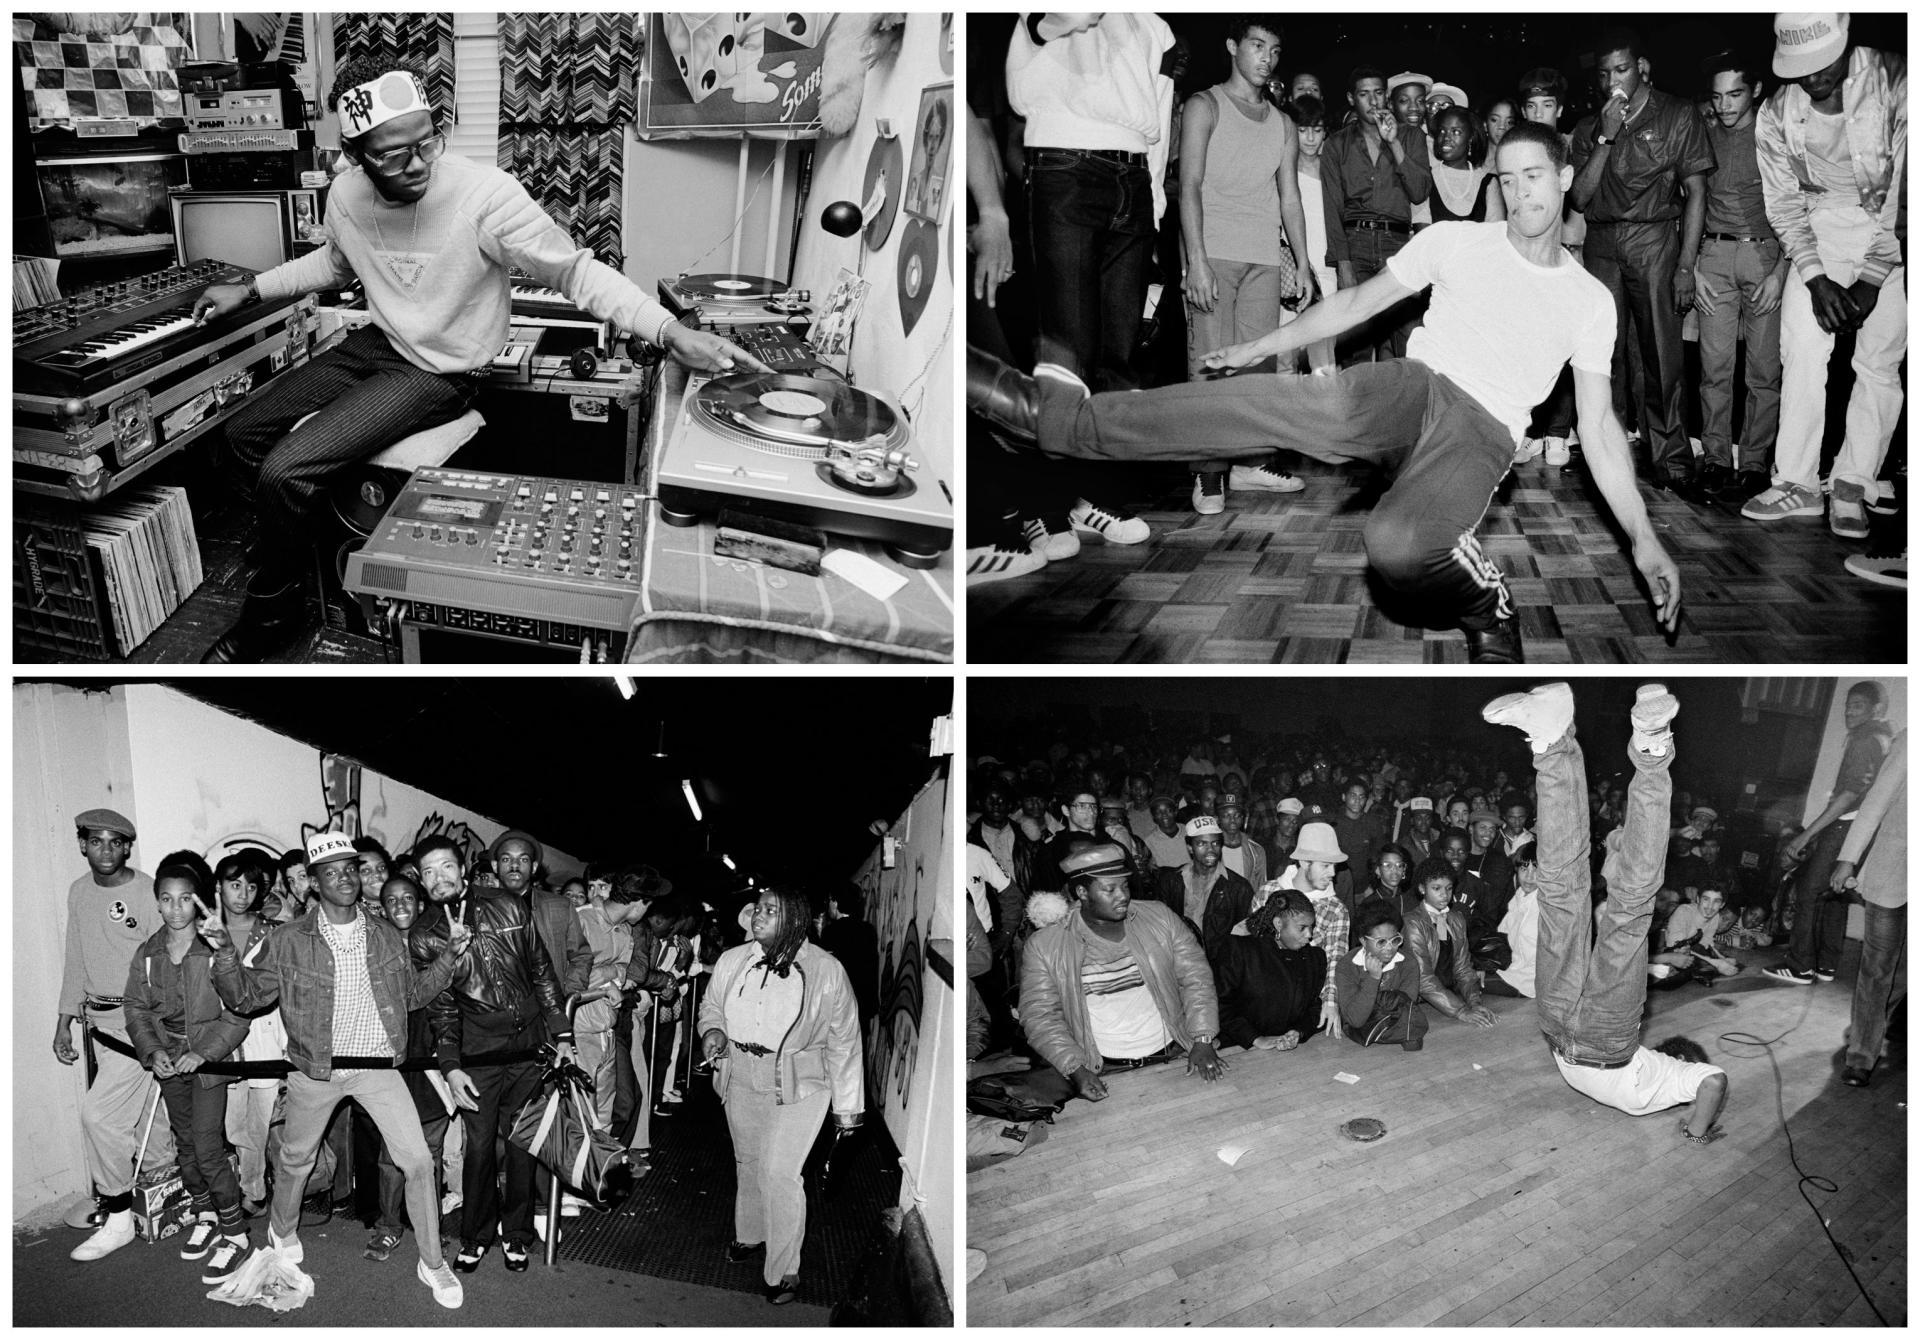 De gauche à droite et de haut en bas : le DJ GrandMixer D.St; le Break dancer Crazy Legs du groupe Rock Steady Crew; l'entrée du Roxy un vendredi soir; Mohamed du groupe Magnificent Force au Bronx River Center.